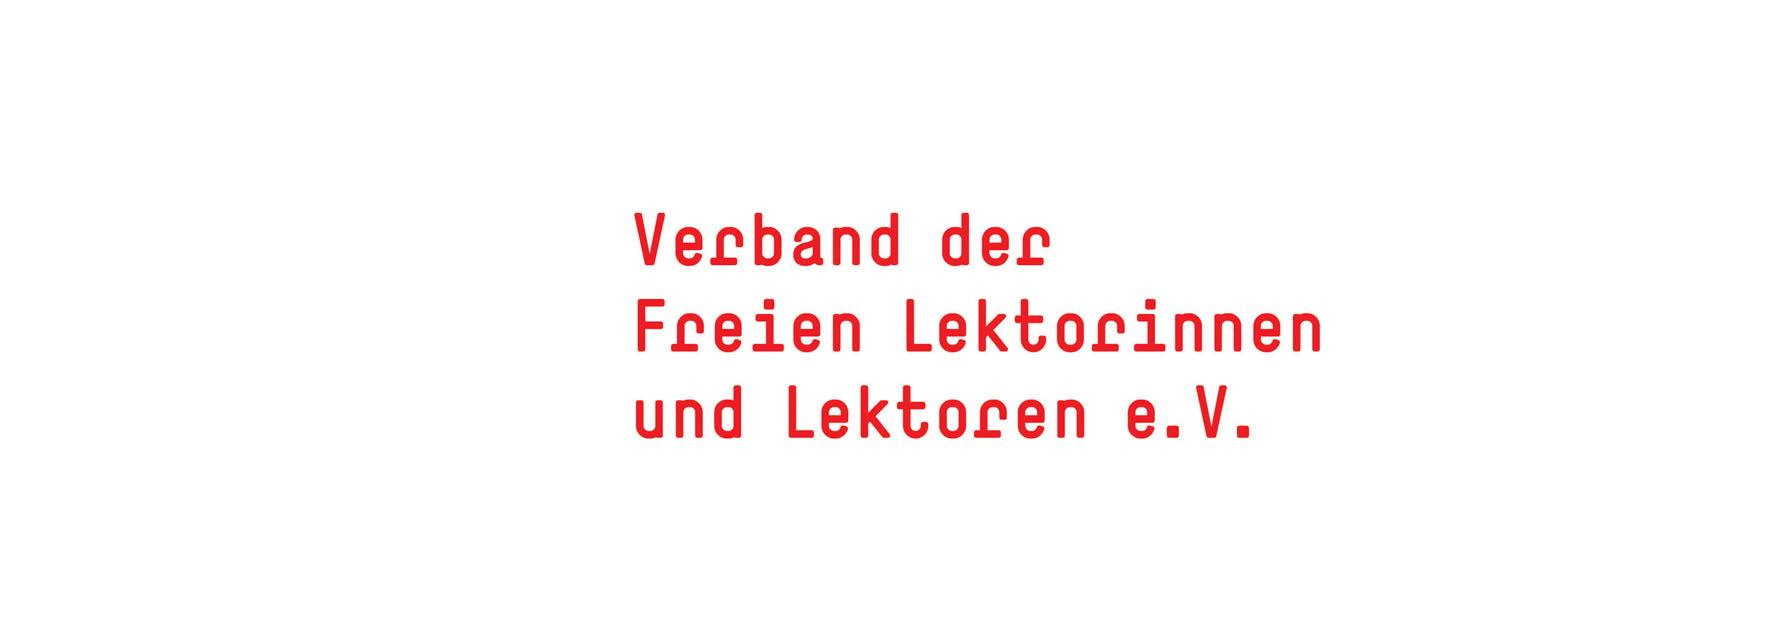 Verband der Freien Lektorinnen und Lektoren (VFLL)